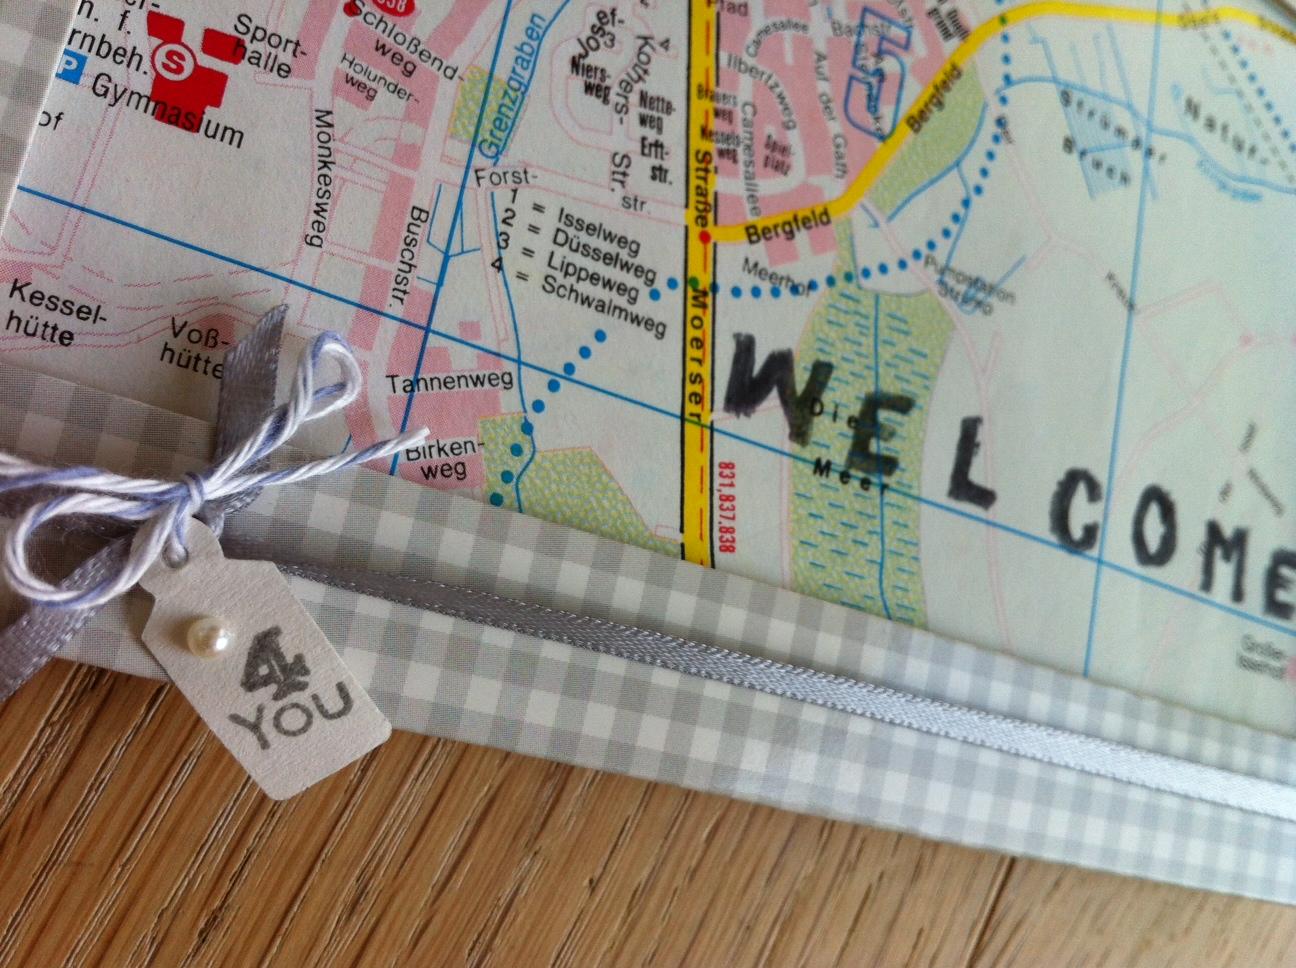 Mimi art nrw herzlich willkommen for Geschenk auslandsjahr